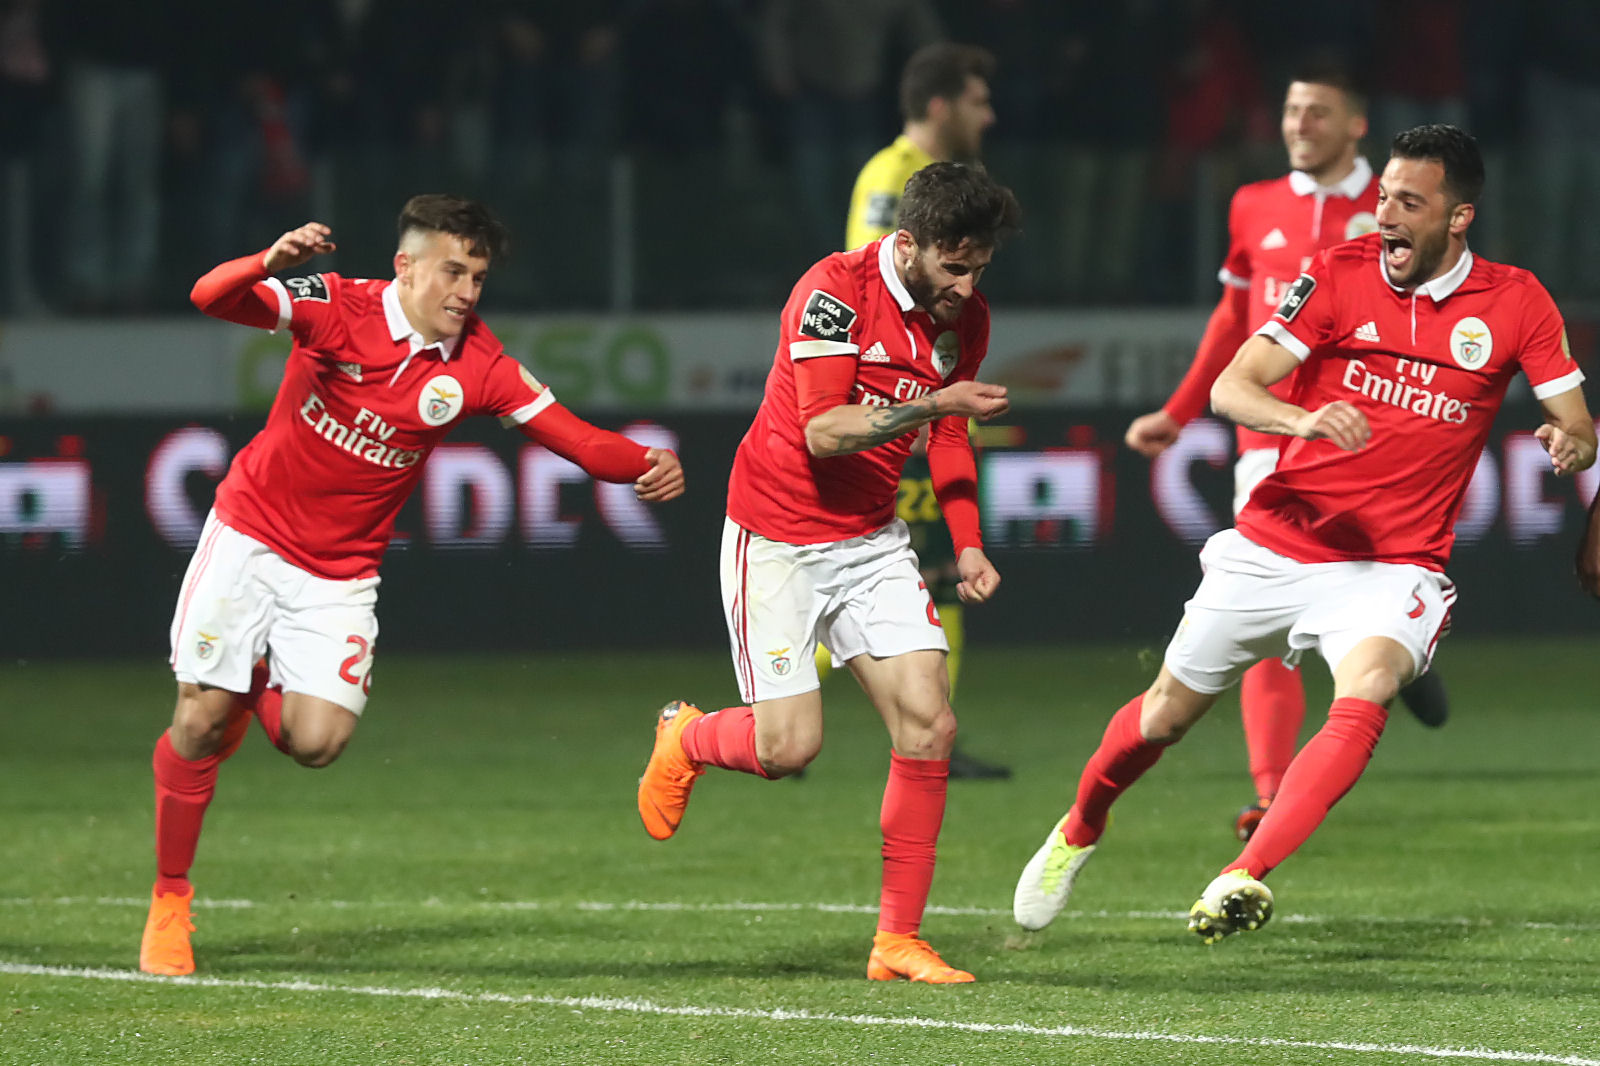 Benfica vence o Feirense por 2-0 e ascende à liderança da I Liga à condição